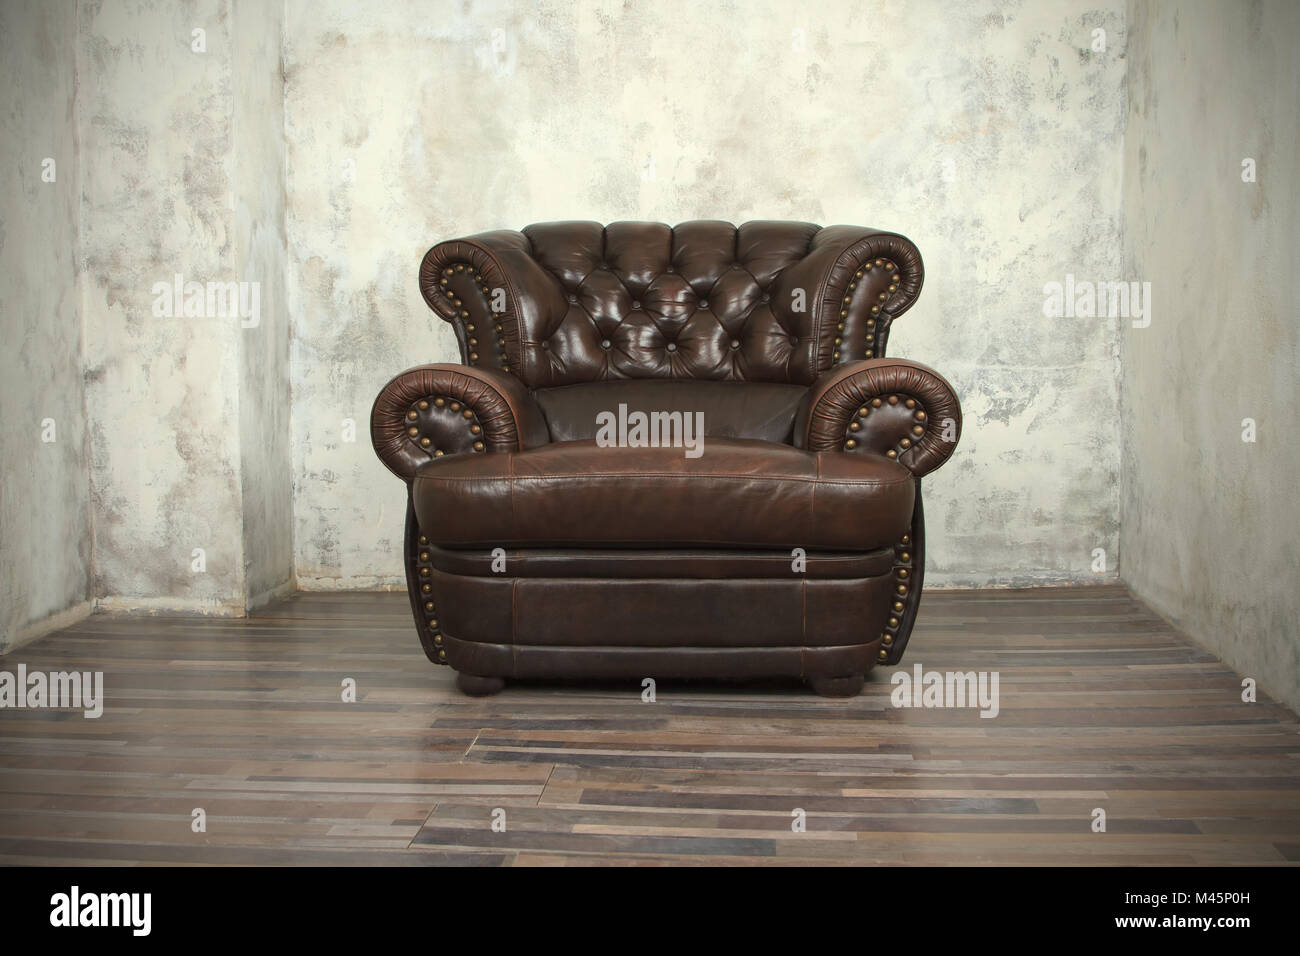 Sedie Vintage Pelle : Vecchia pelle marrone vintage sedia nella stanza vuota foto